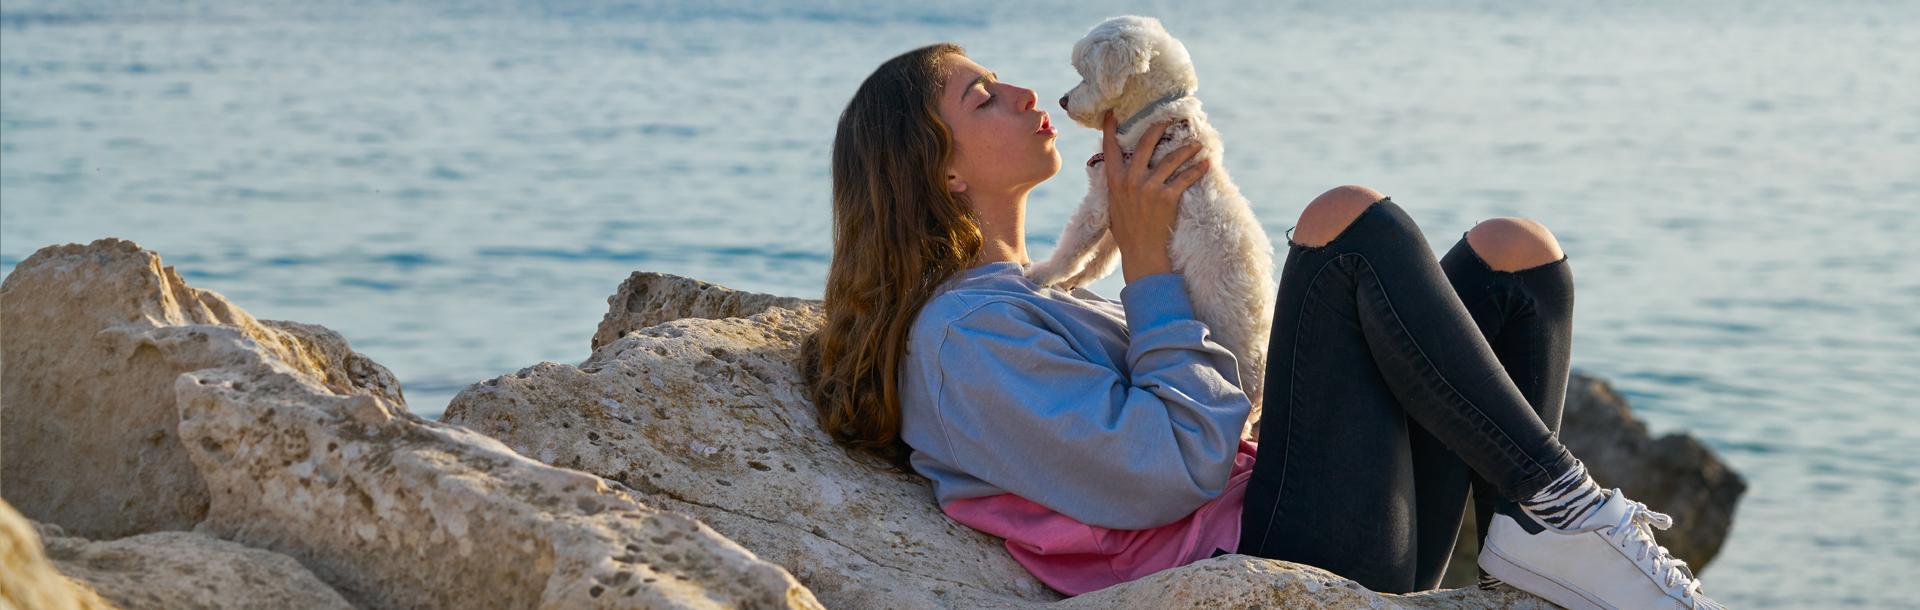 L'estate con cani e gatti: come prendersene cura al meglio., Schesir